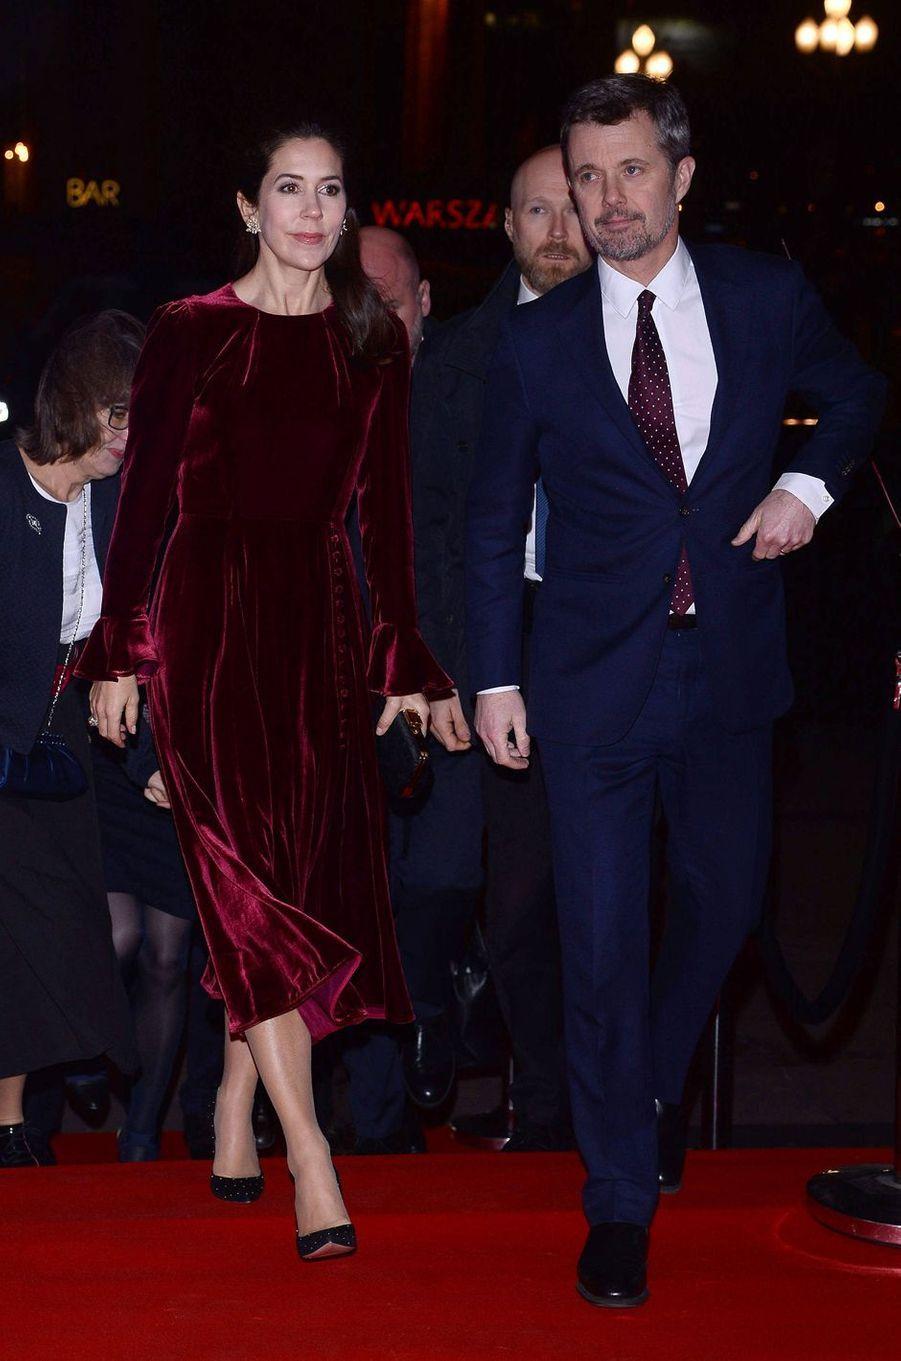 La princesse Mary et le prince Frederik de Danemark à Varsovie, le 25 novembre 2019